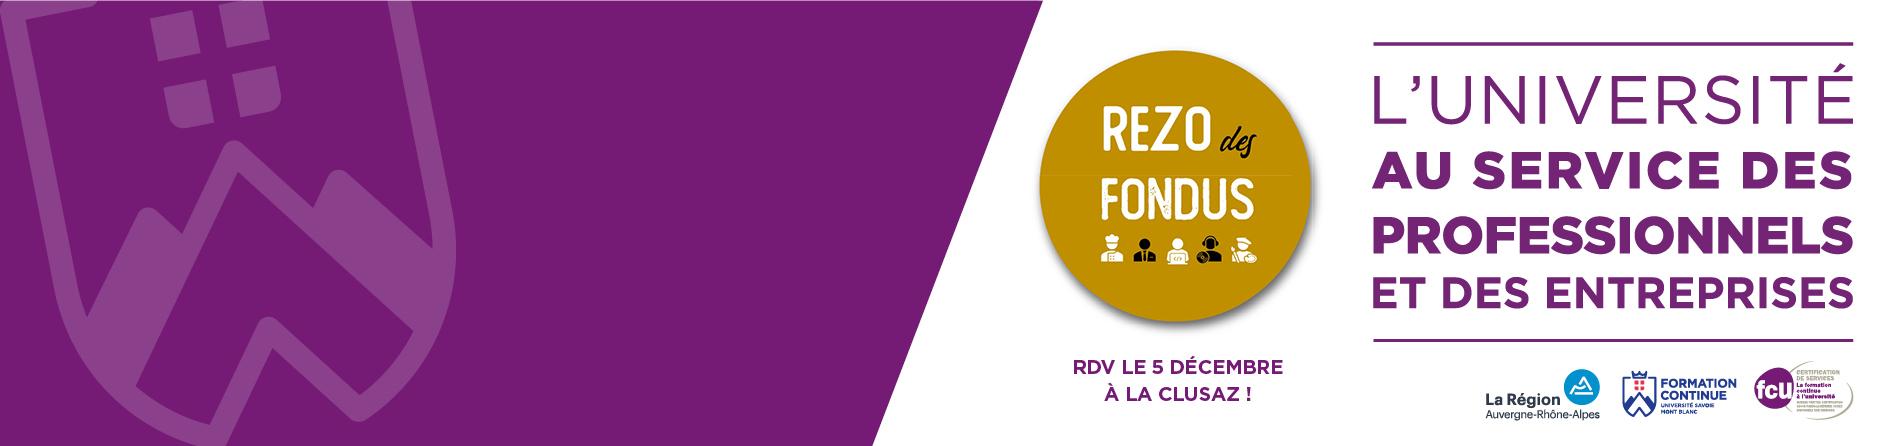 IUFC patenaire du REZO des FONDUS